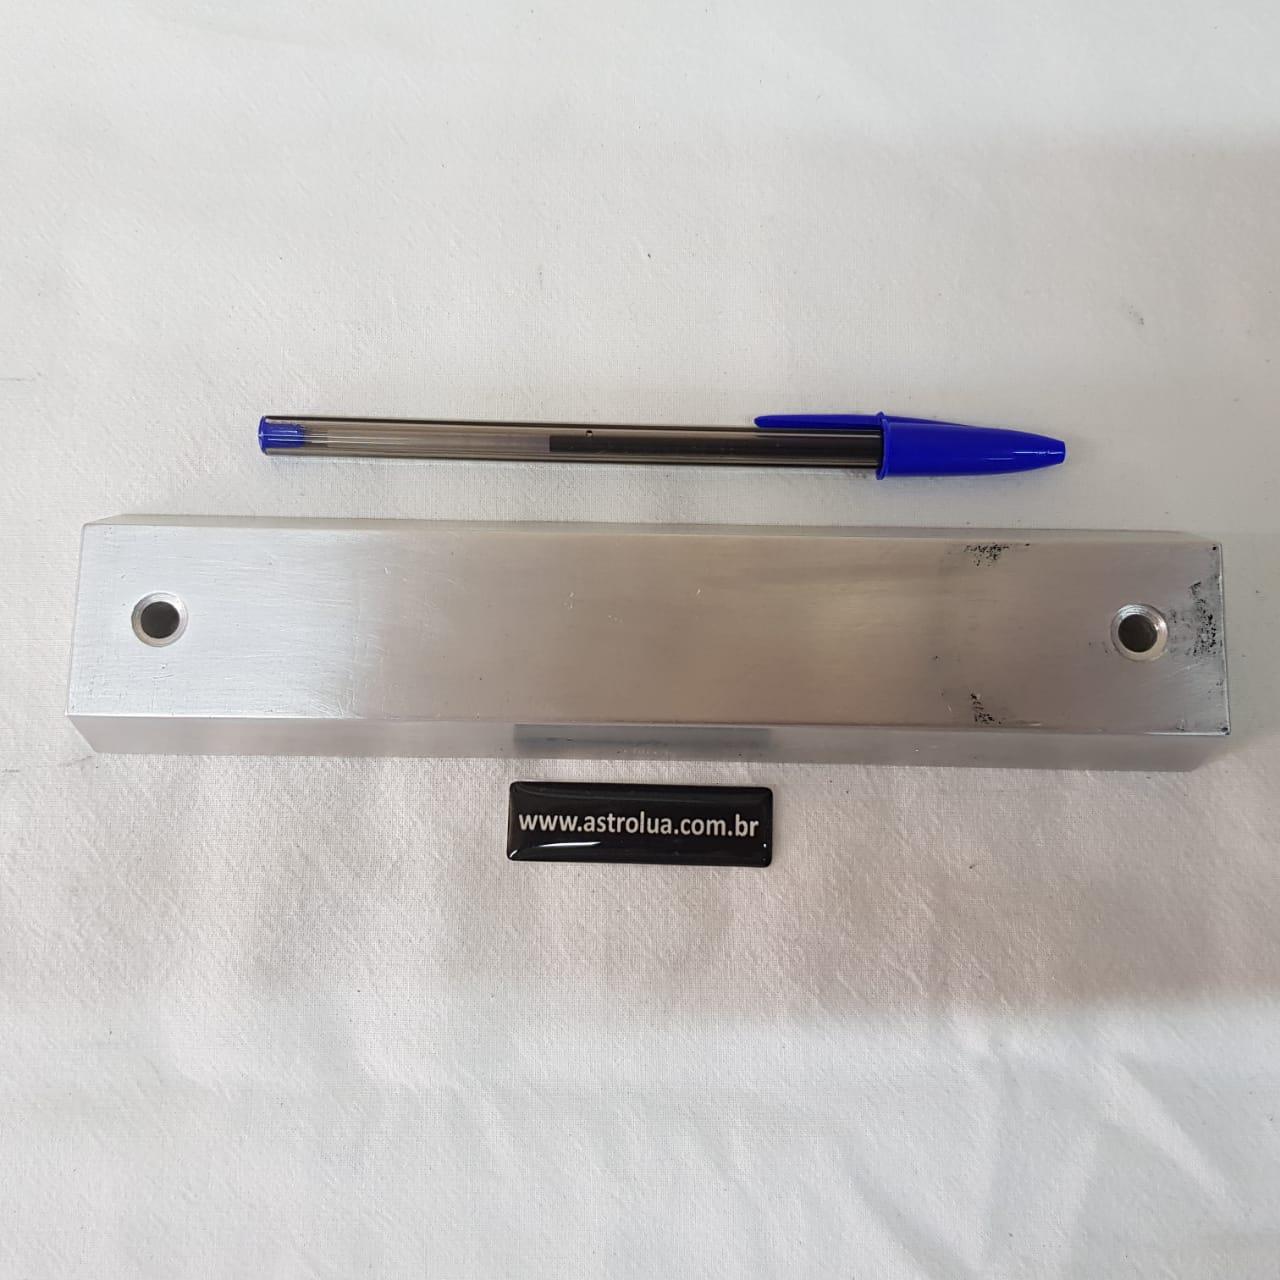 Dovetail Vixen - Alumínio Escovado 200mm - 330g - ASTROLUA